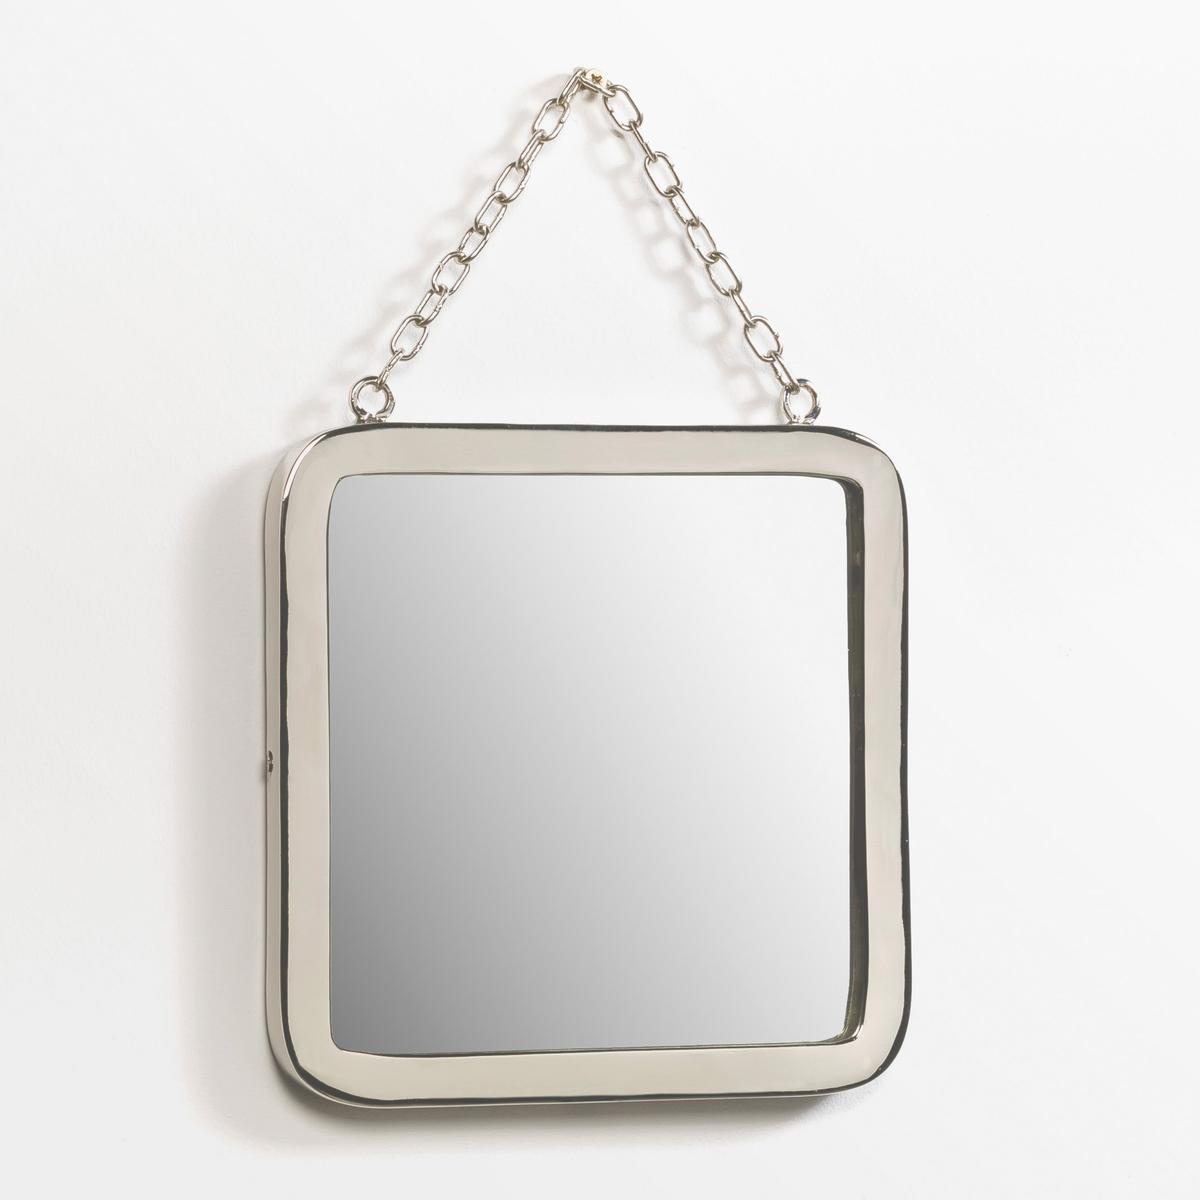 Зеркало квадратное Д20 x В20 см, Barbier<br><br>Цвет: прозрачный<br>Размер: единый размер